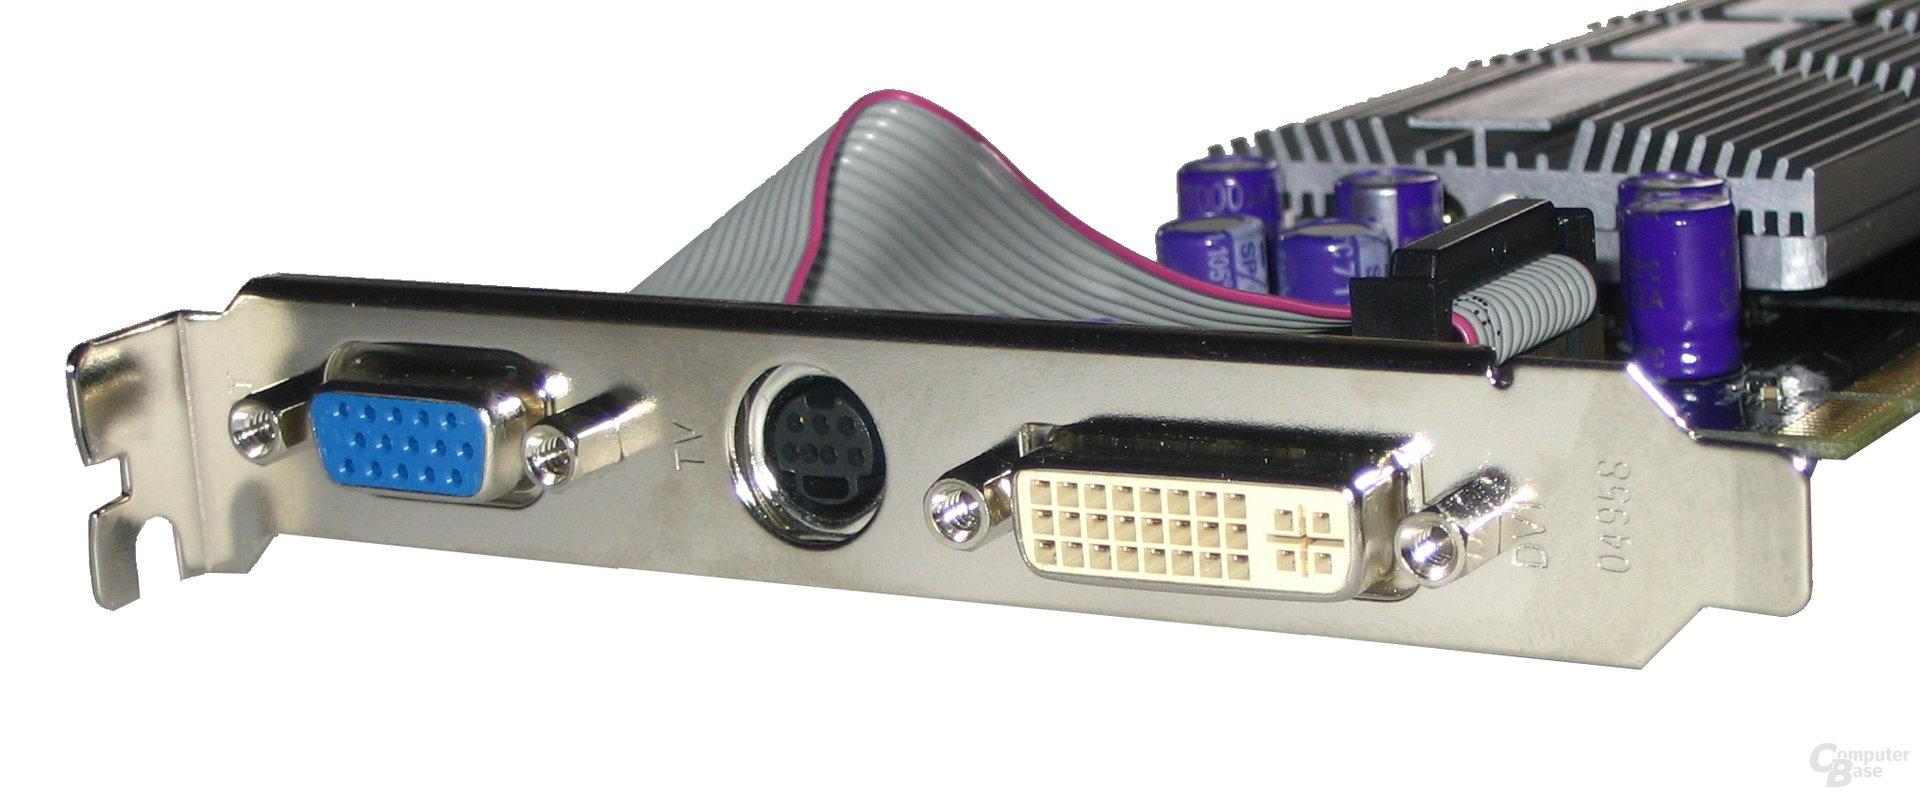 AOpen GeForce 6600 Front-Panel